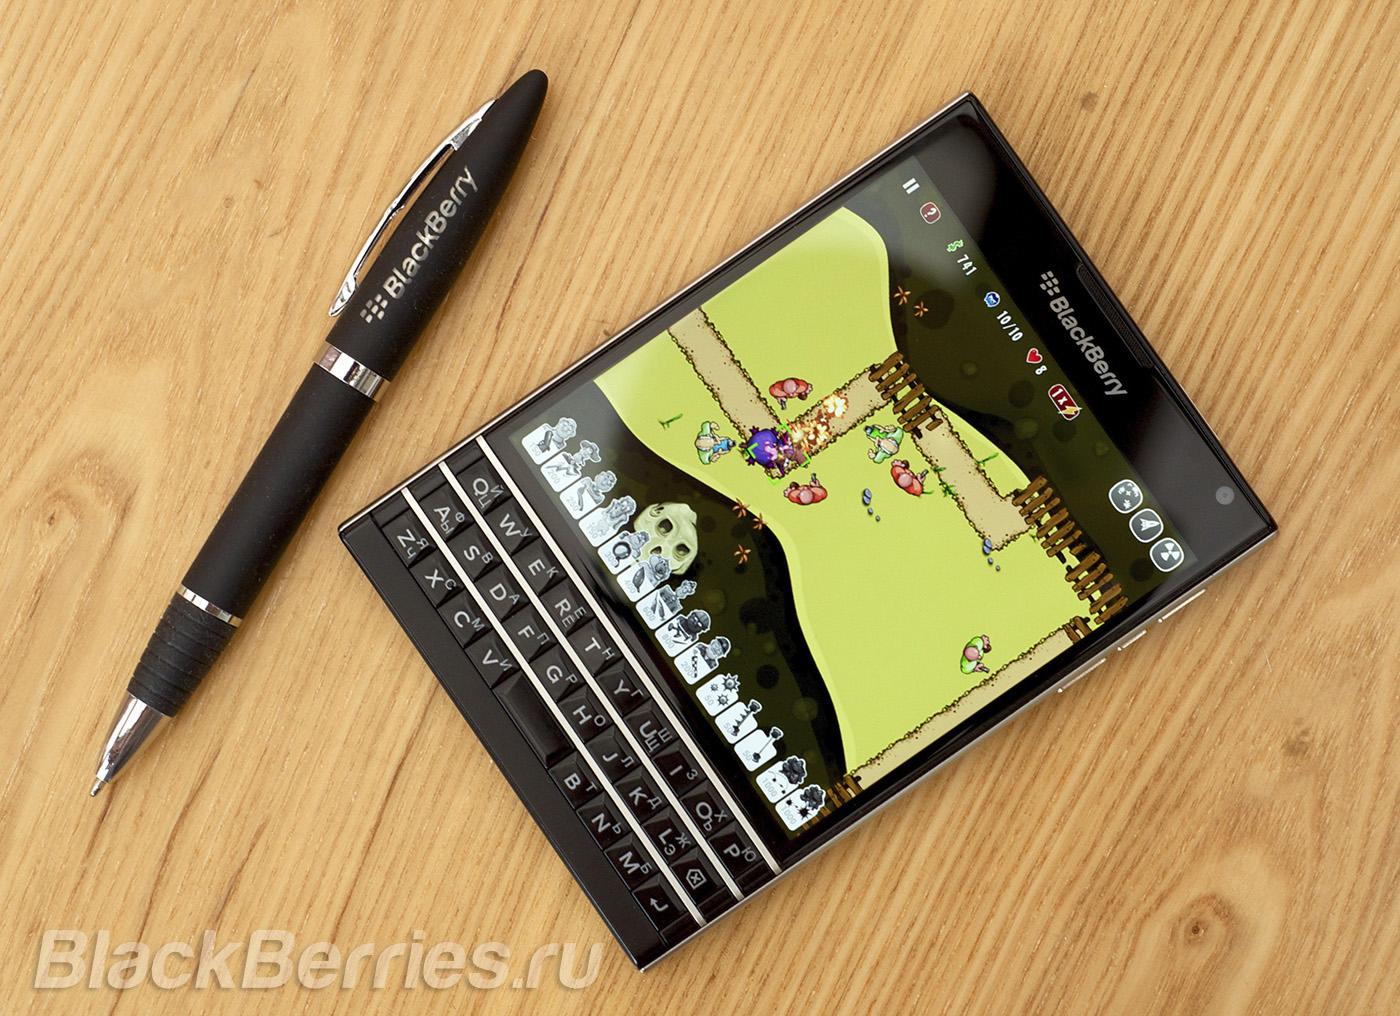 BlackBerry-Apps-28-06-4